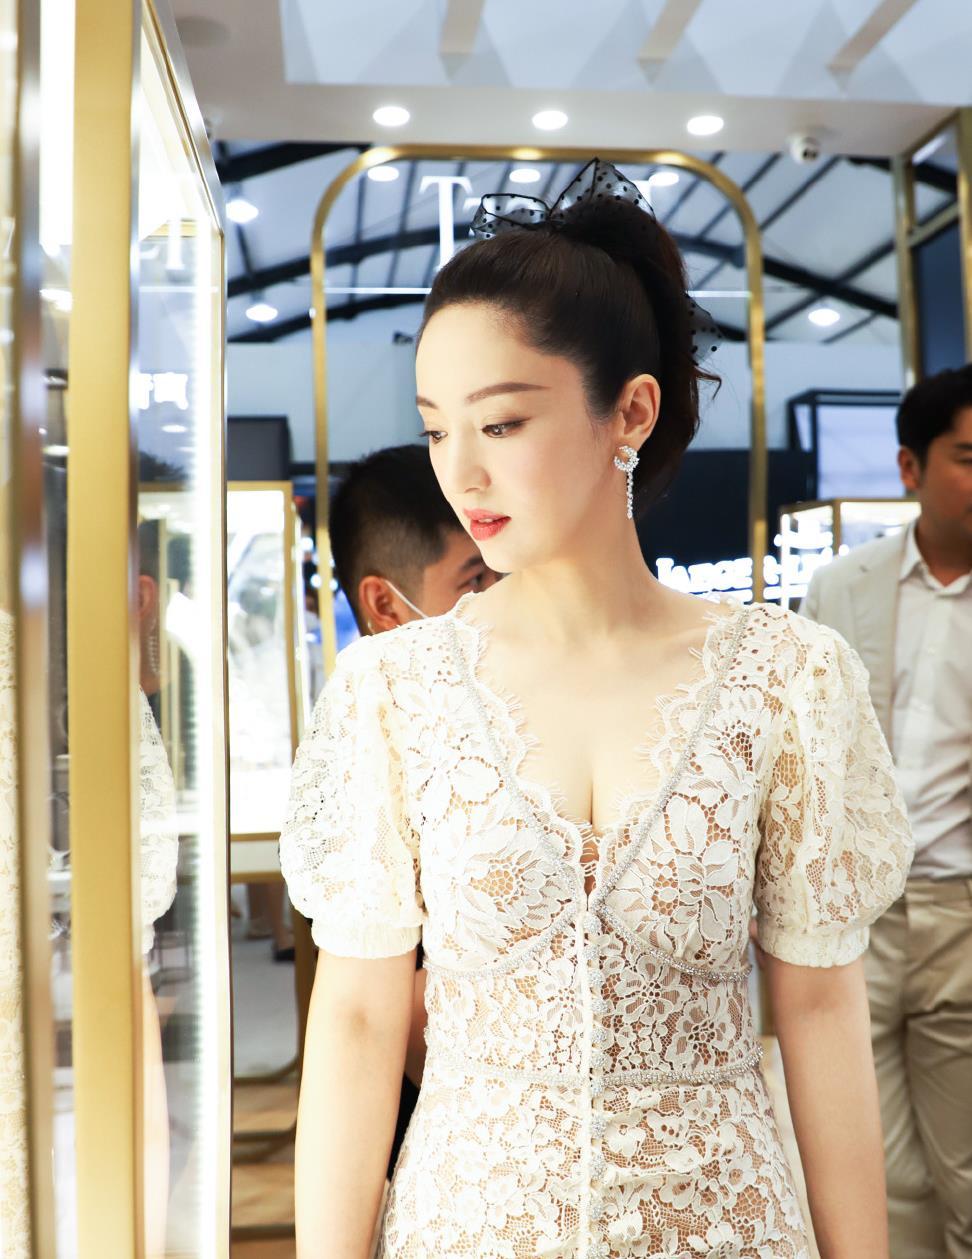 董璇恋爱后状态太好,穿蕾丝裙妩媚却不俗气,肌肤白嫩不像40岁